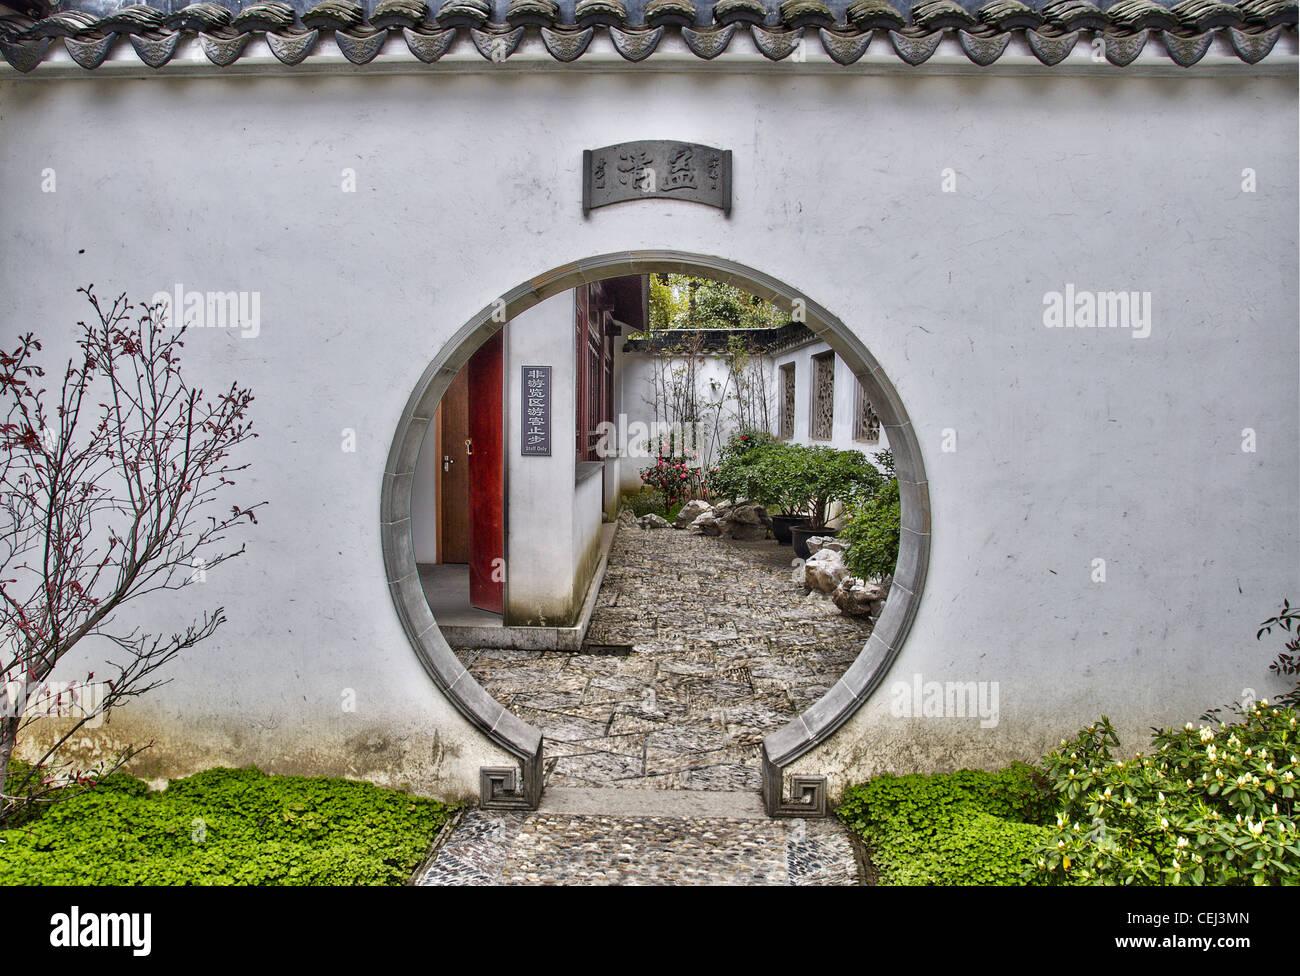 Una puerta redonda en el Jardín del Administrador Humilde - en Suzhou (China) Imagen De Stock